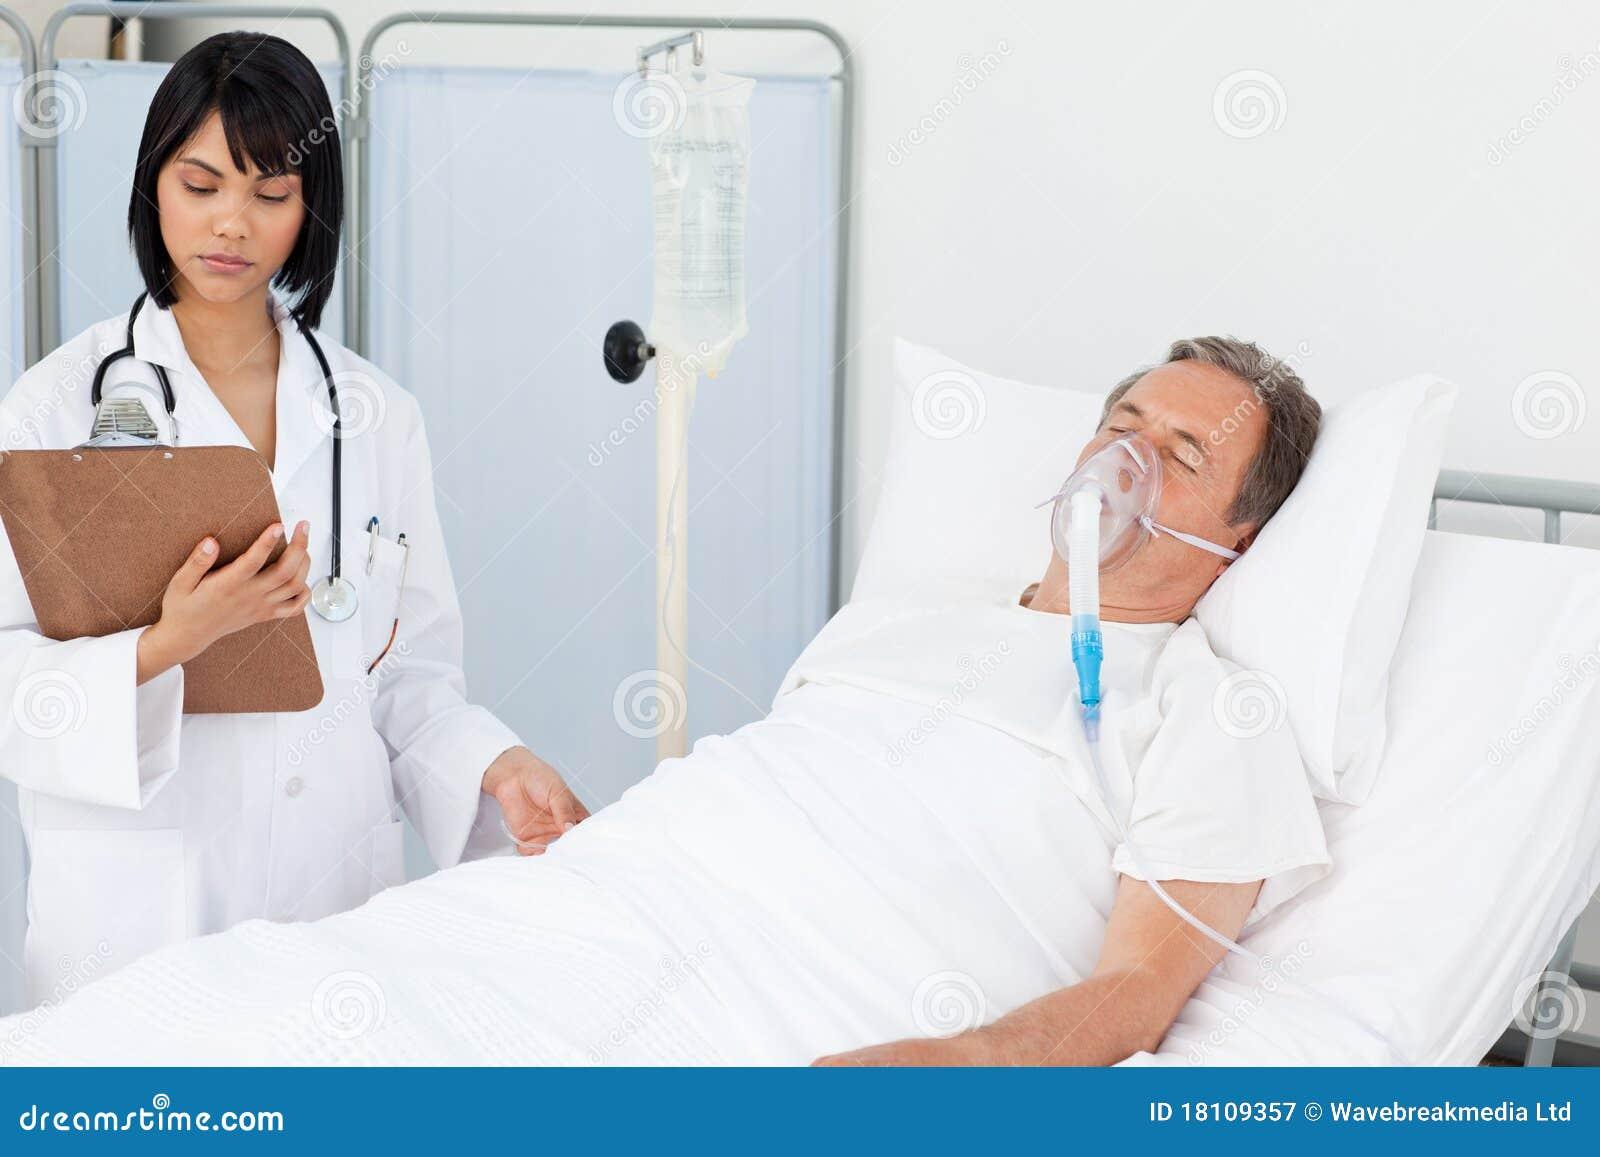 У медсестры в пастели 4 фотография